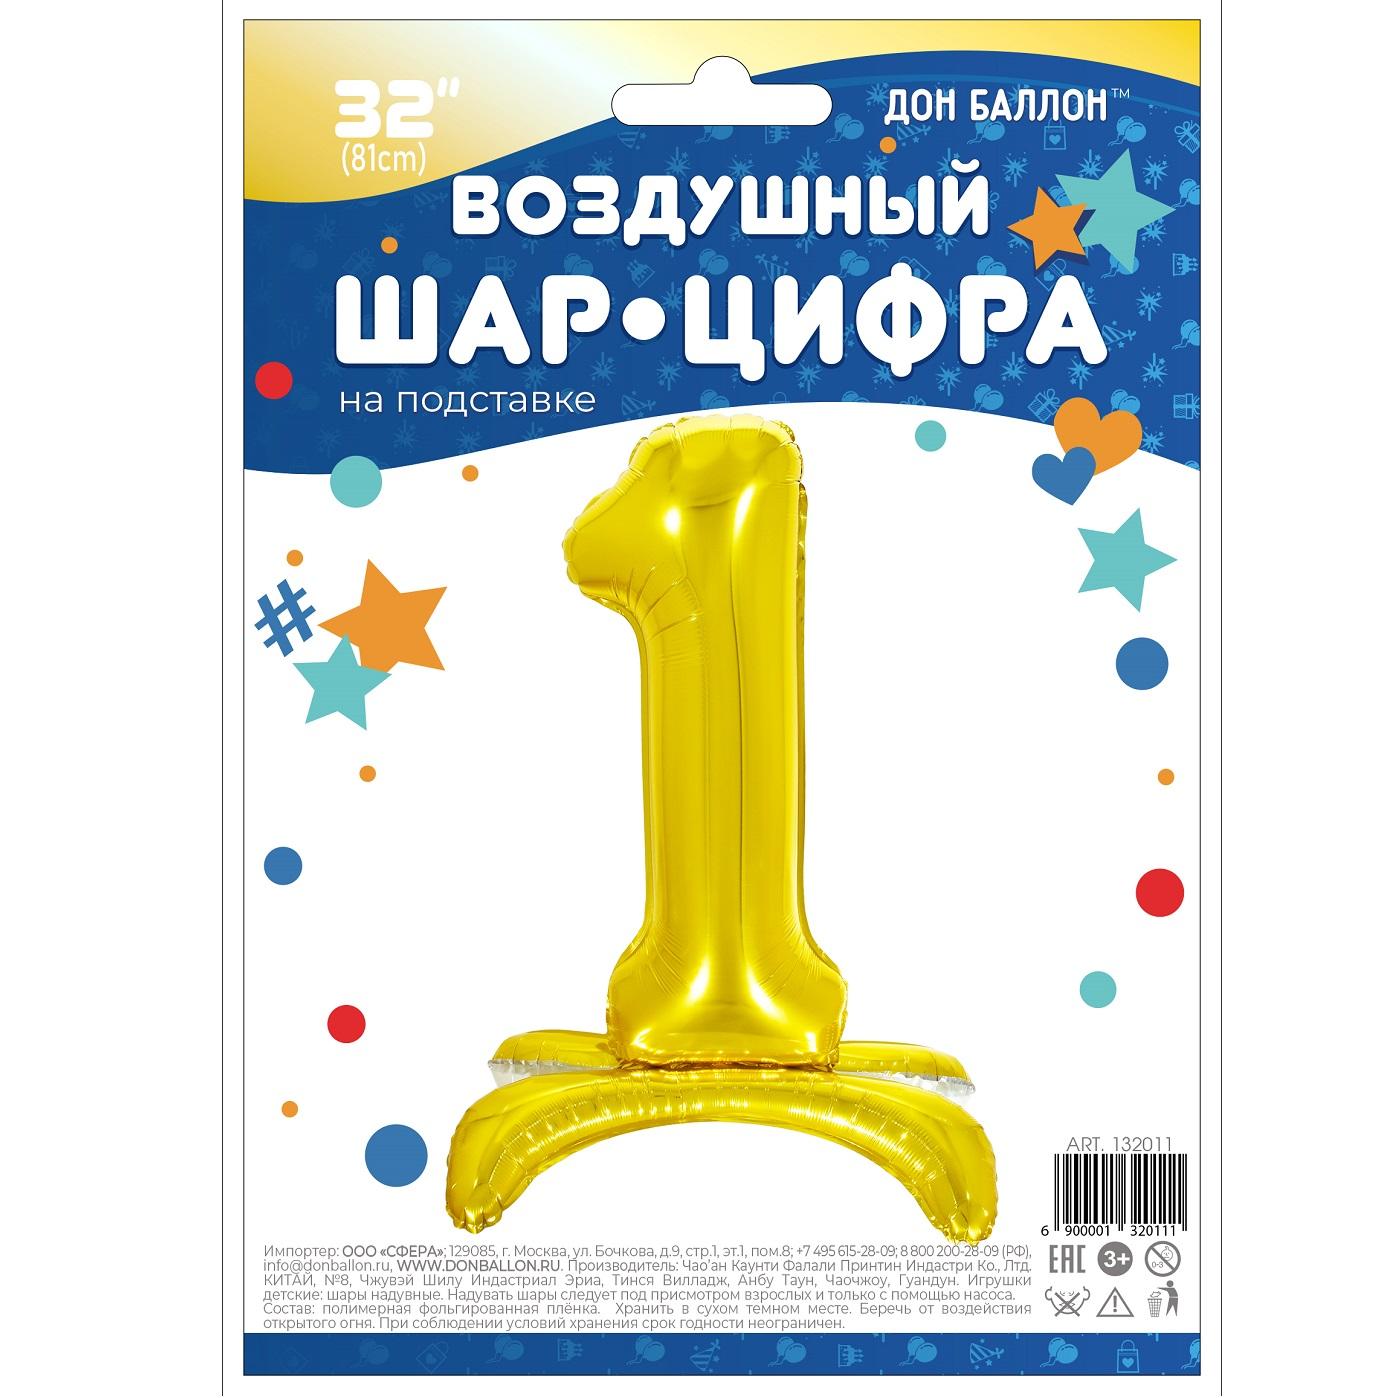 шарики.org